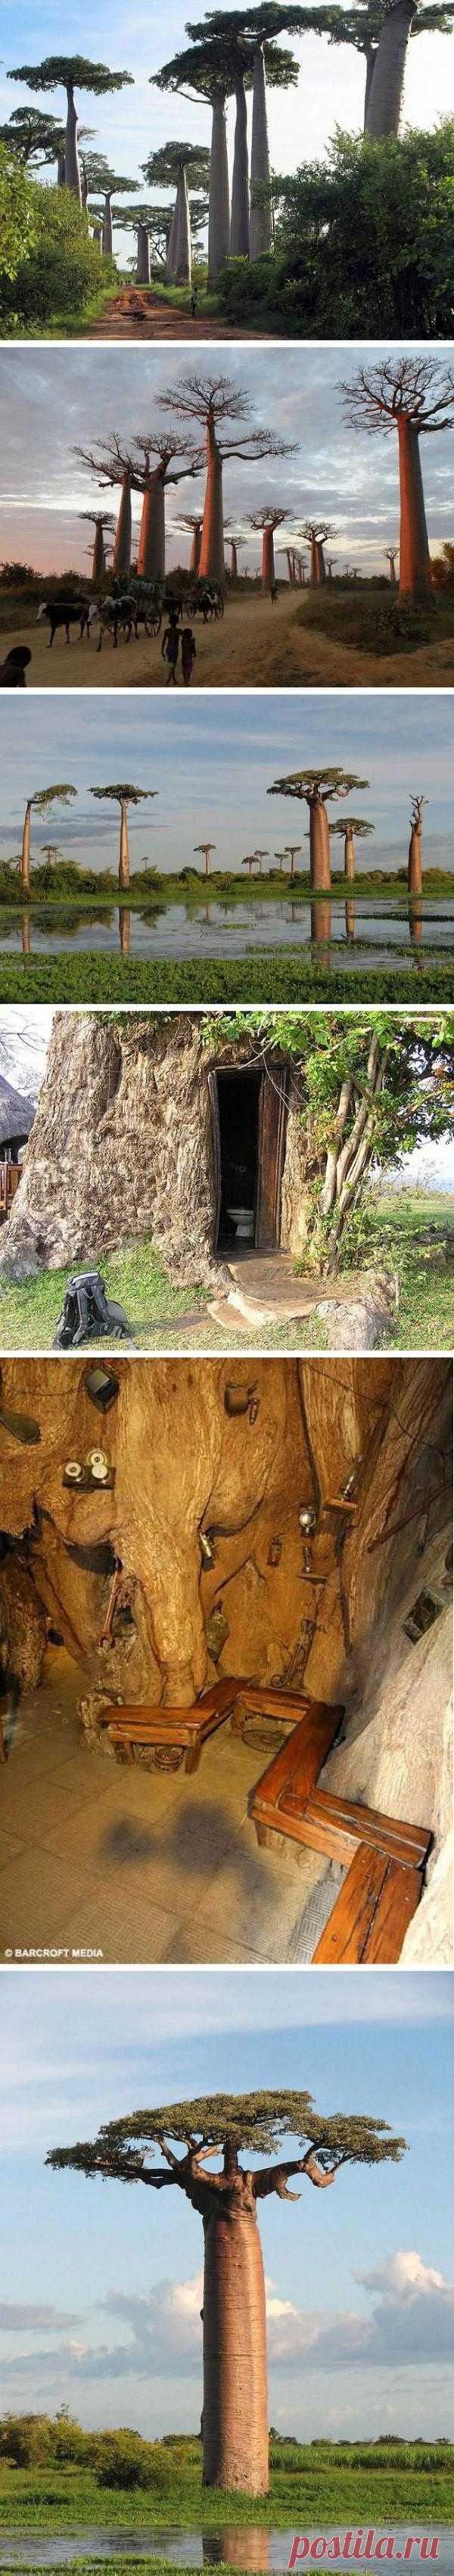 Баобаб. Дерево, в котором можно жить! Африка